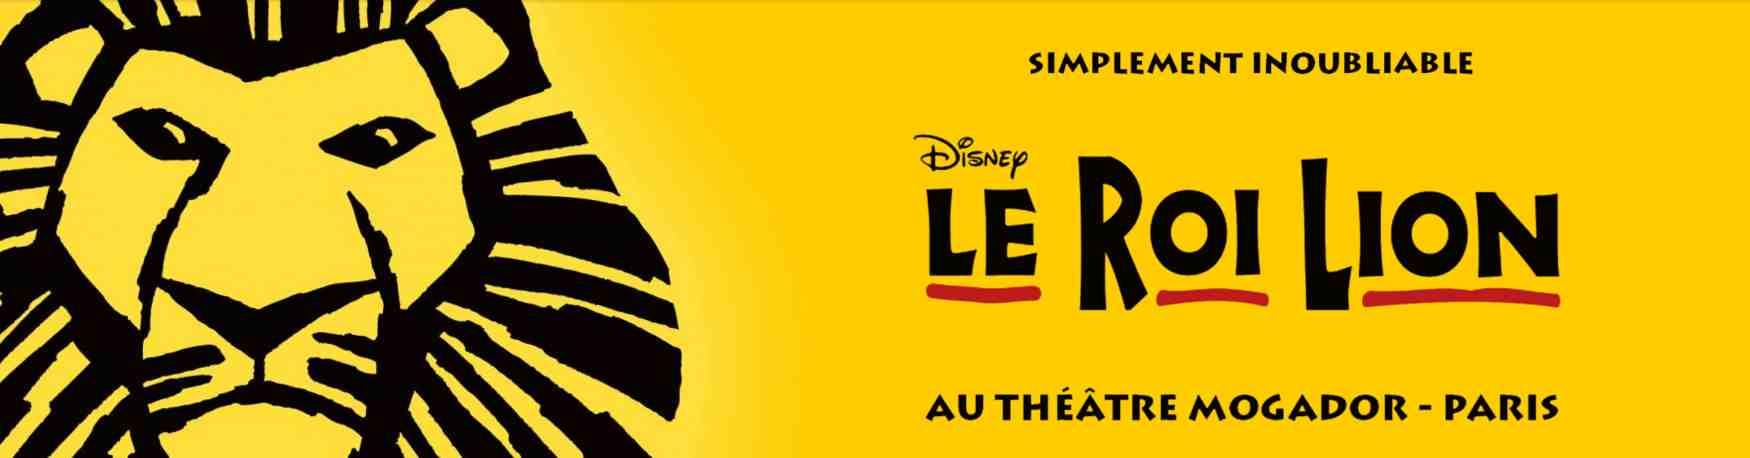 Le Roi Lion de Disney revient en majesté au théâtre Mogador (Paris) en mars 2021